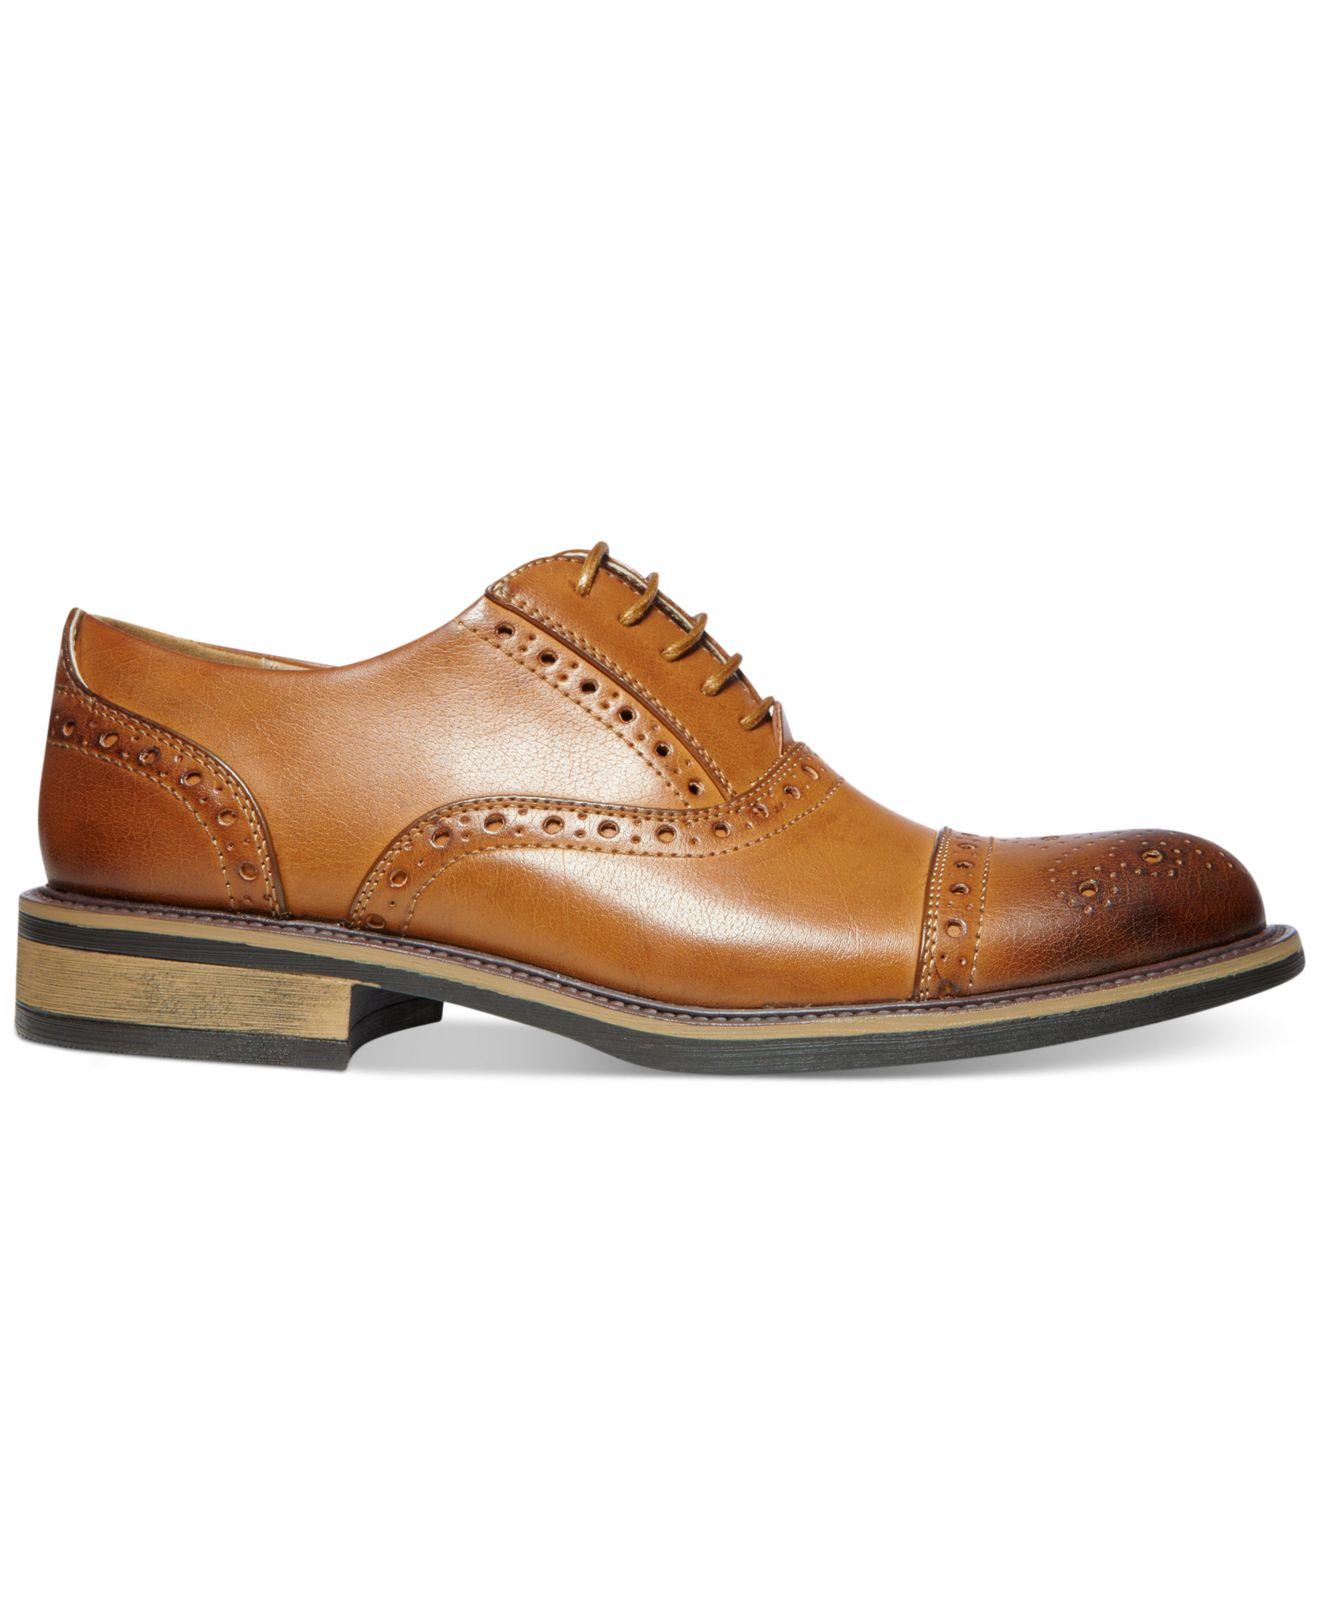 Steve Madden Goody Leather Cap Toe Oxford v7ZLX